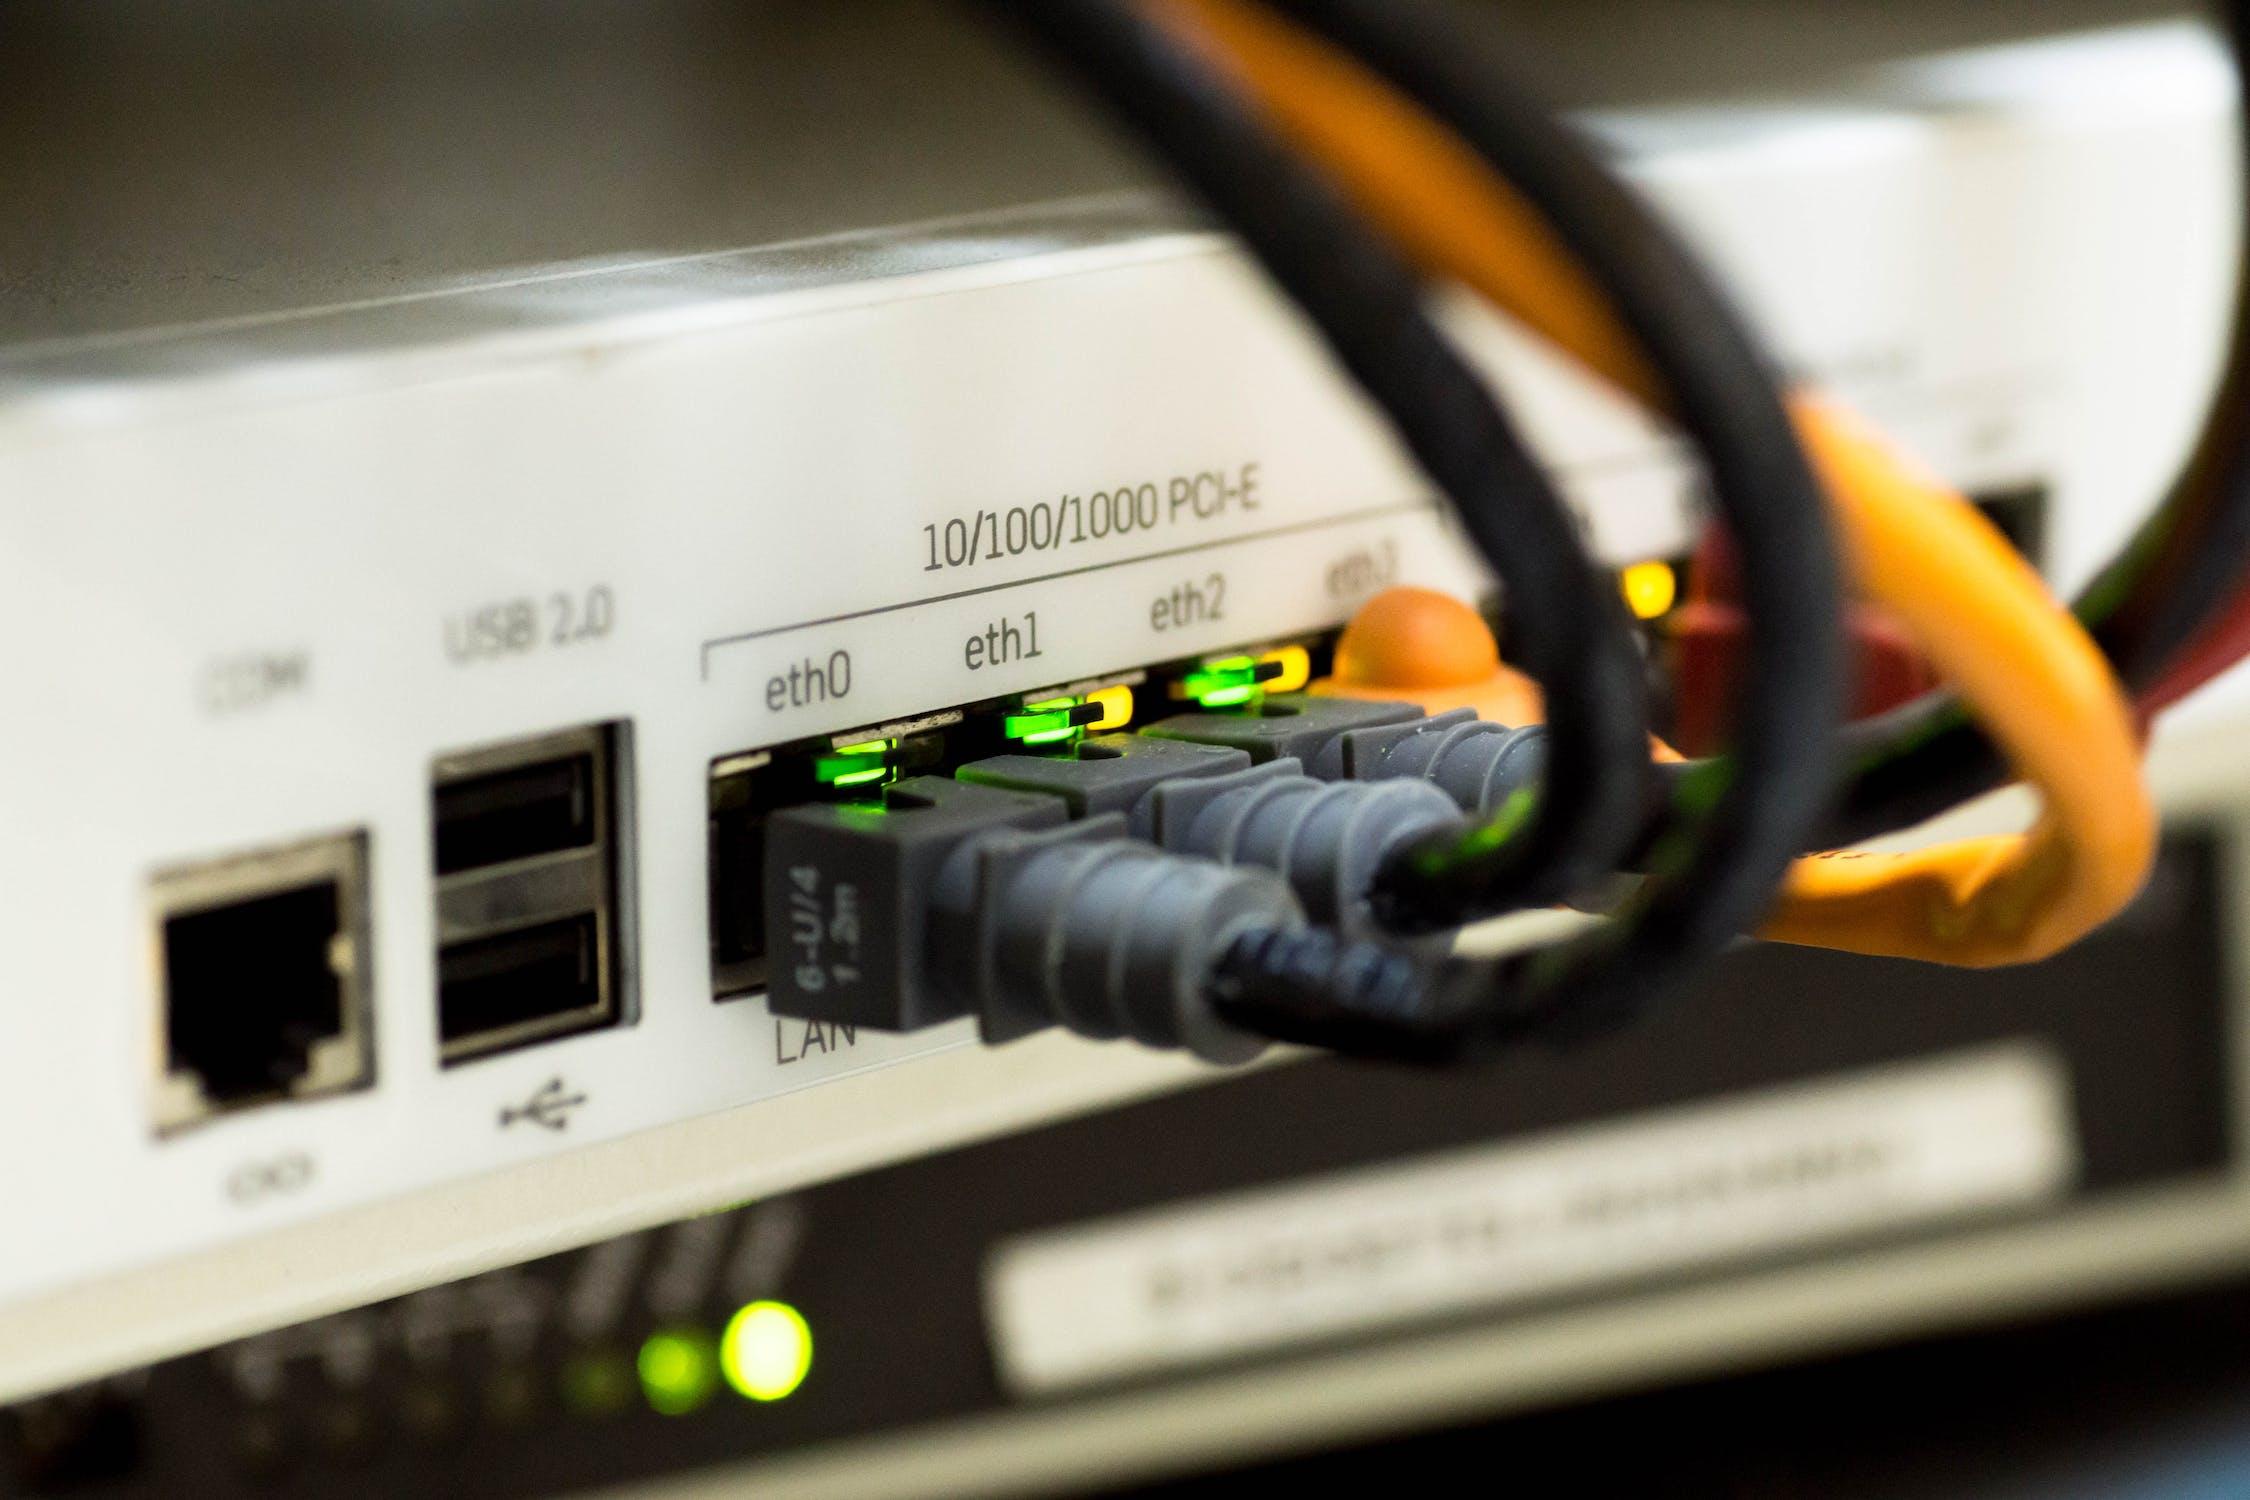 Comment bien choisir son fournisseur d'accès internet?